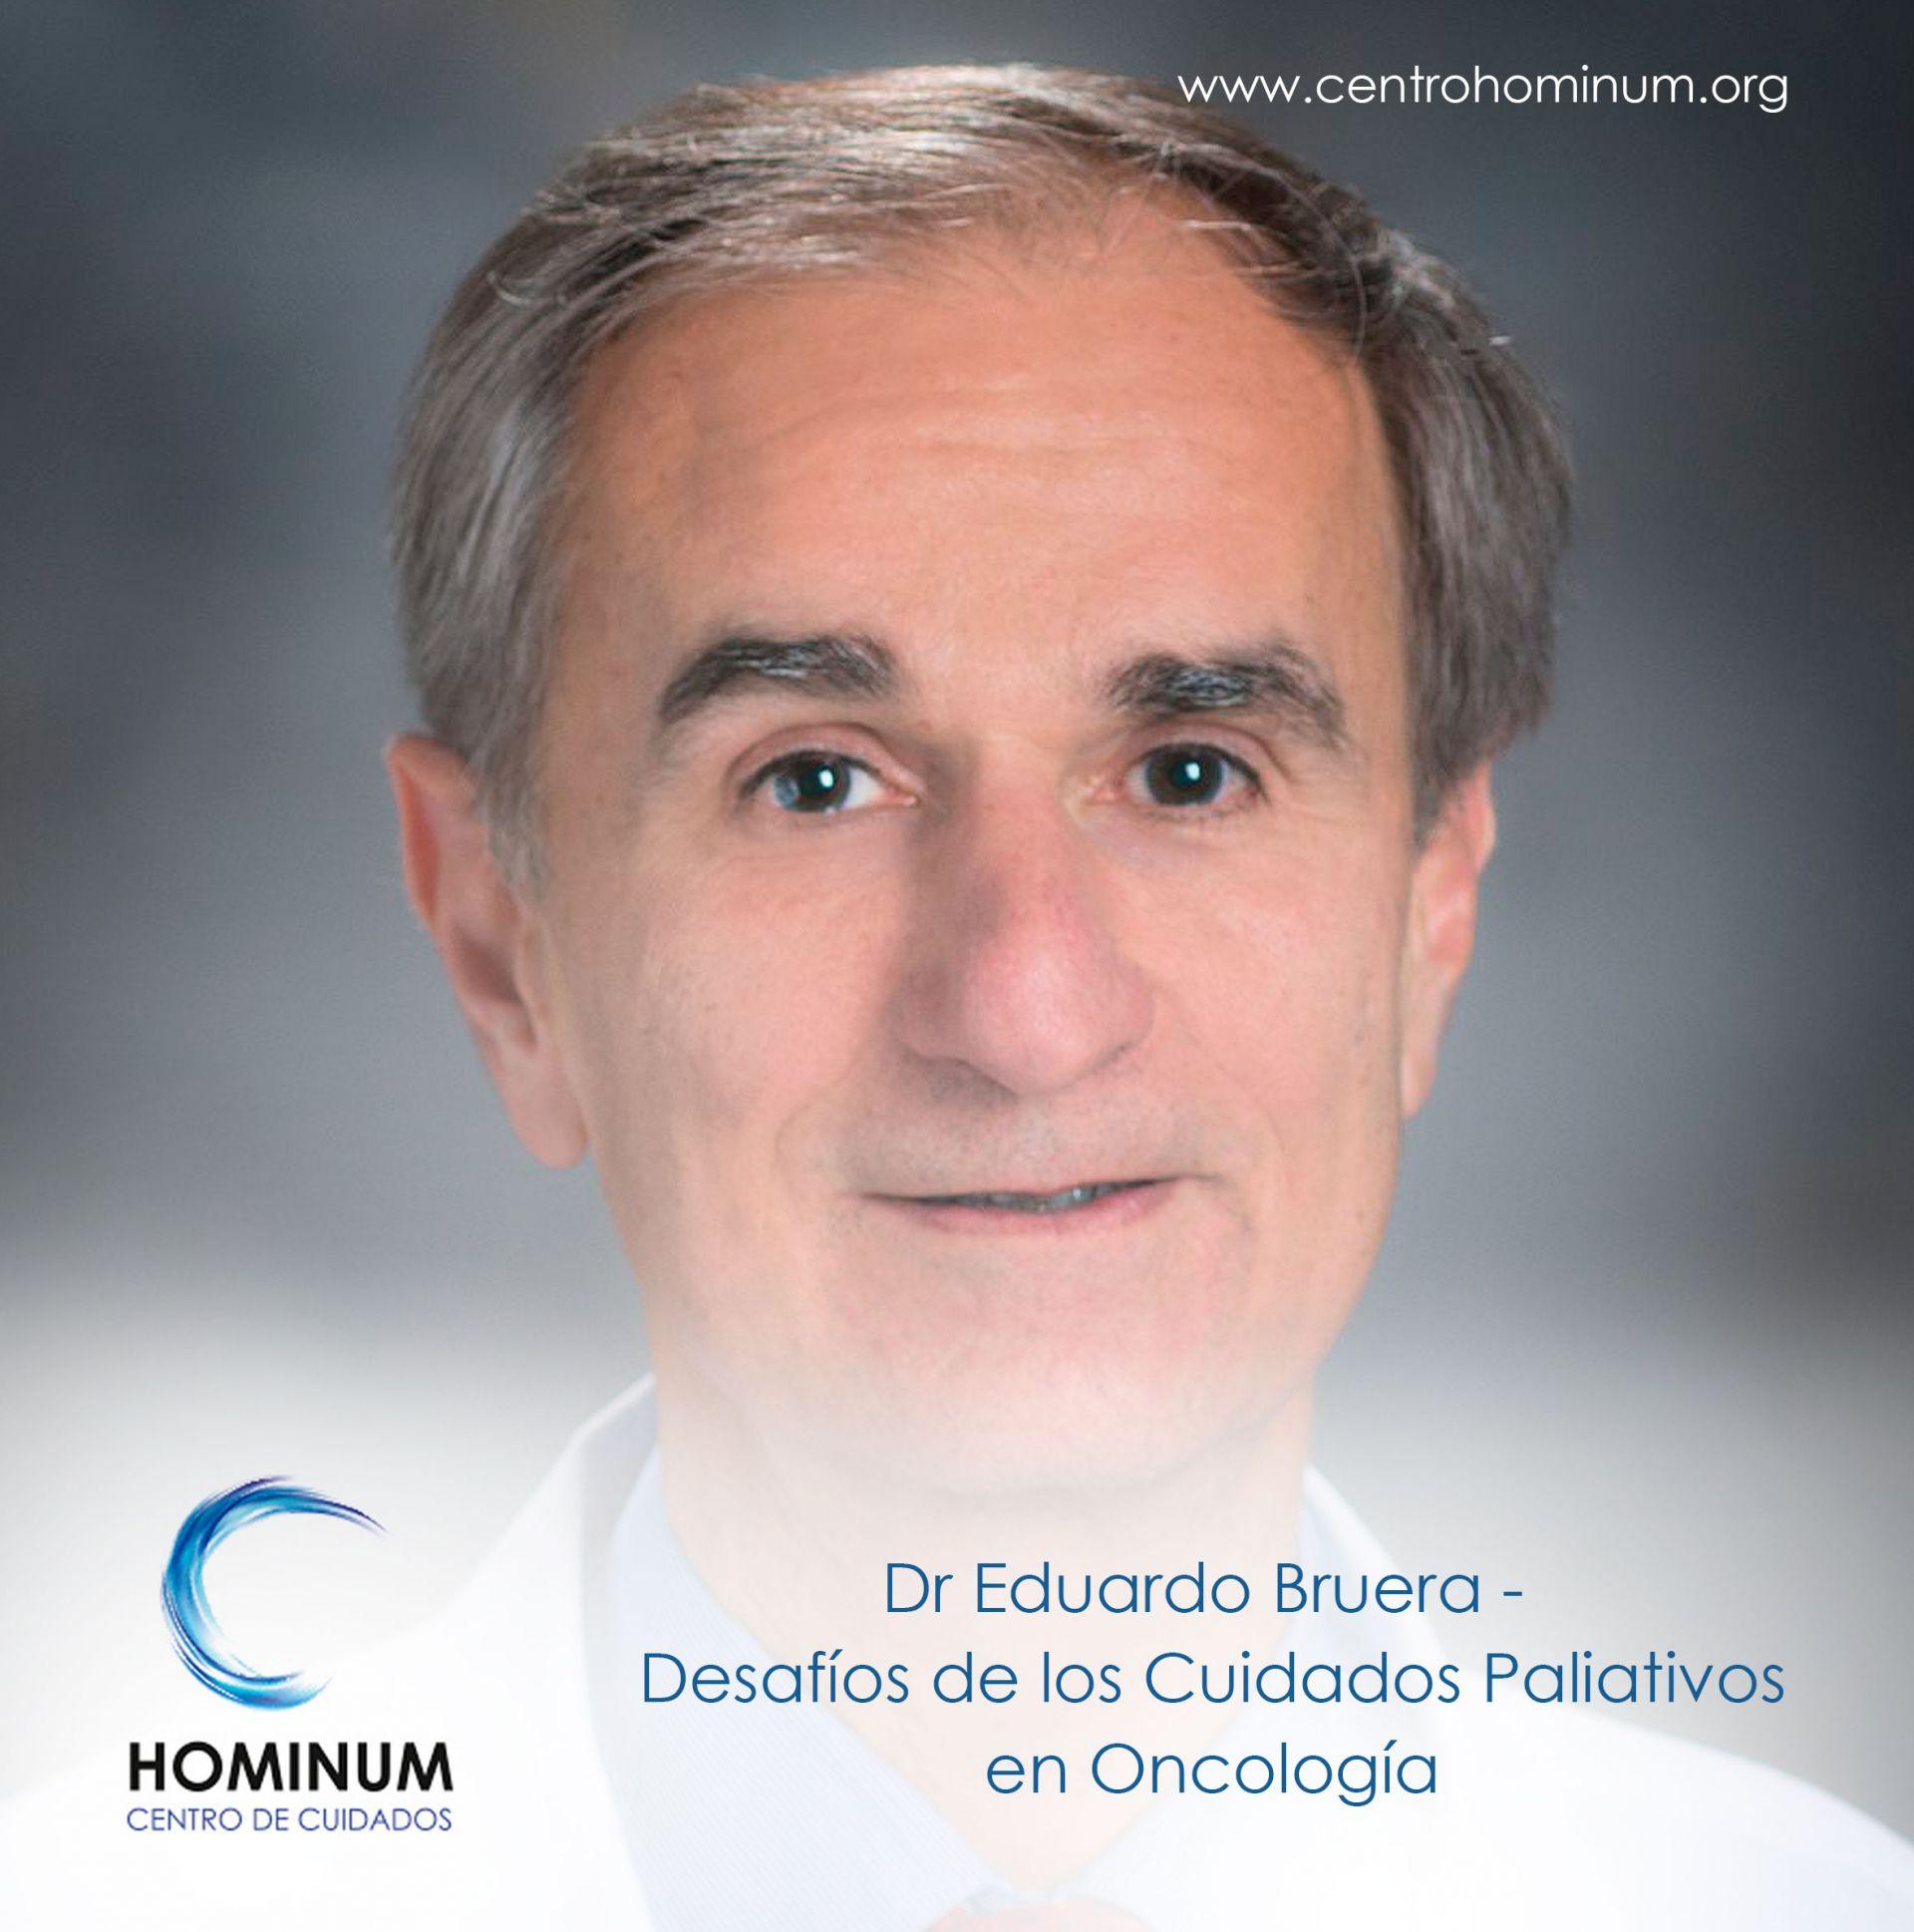 Foto Dr Eduardo Bruera - Desafíos de los Cuidados Paliativos en Oncología